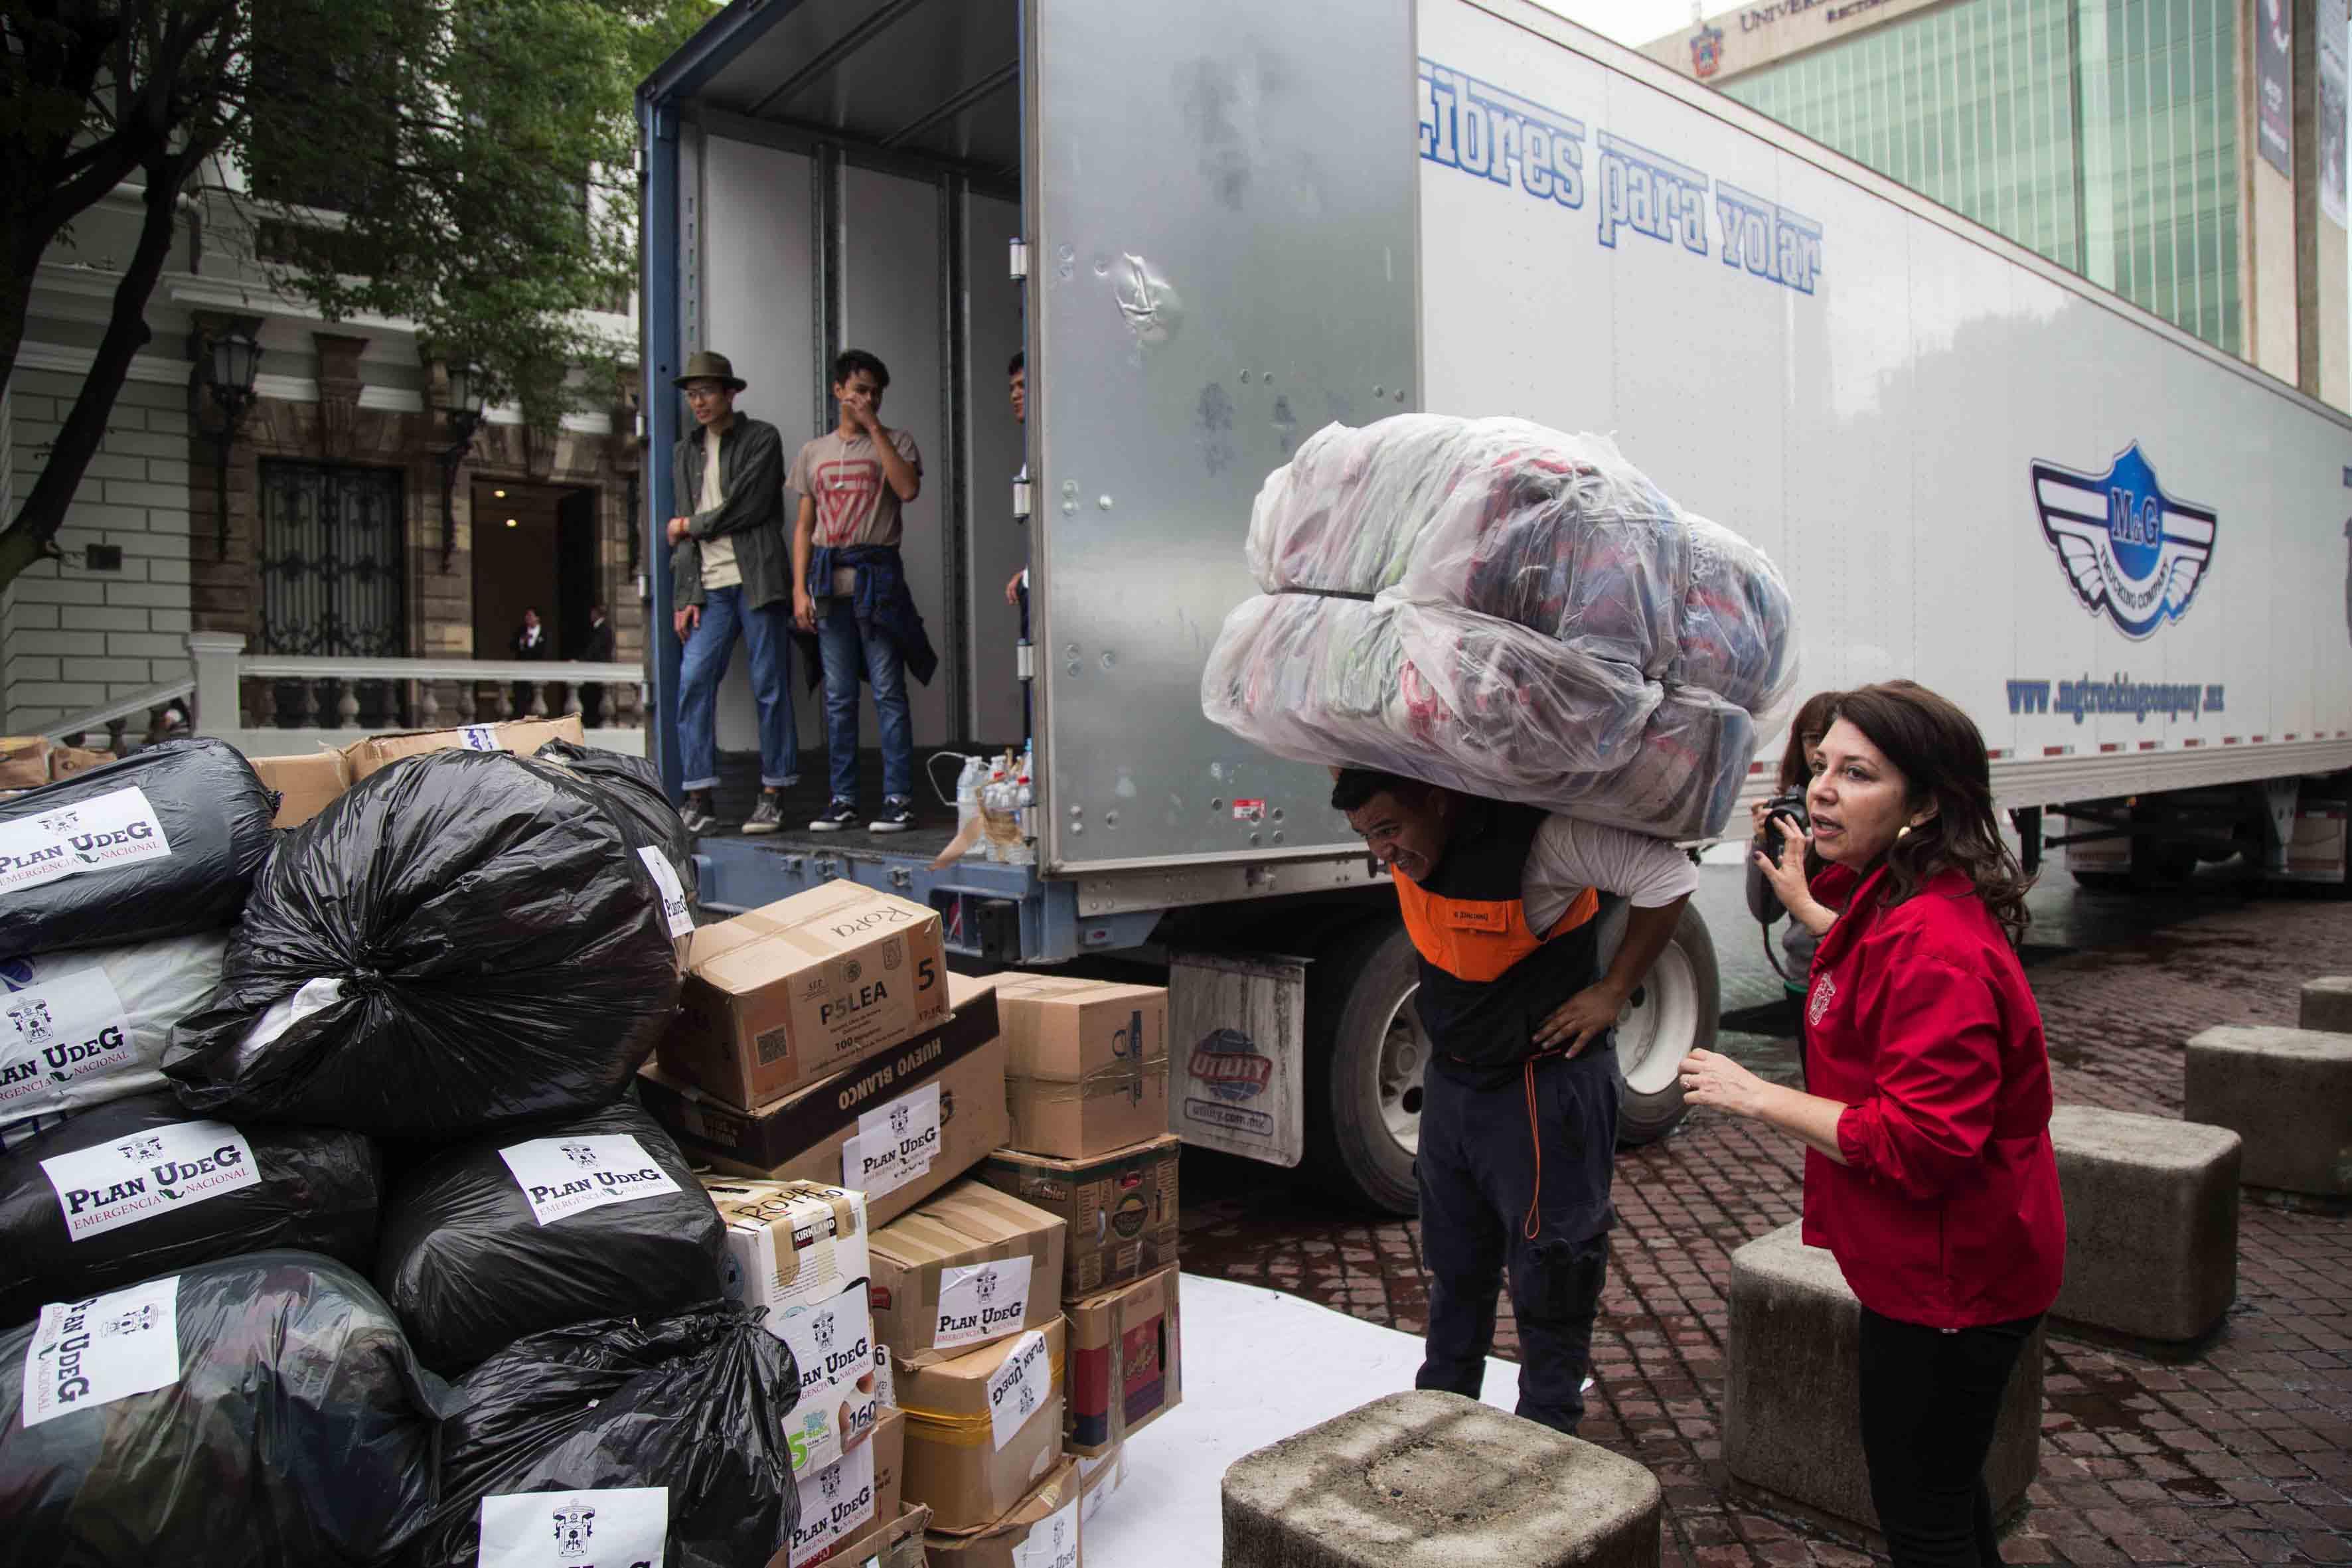 Titular de la Coordinación General Administrativa de la UdeG, participando en la carga de camión de téxtiles.